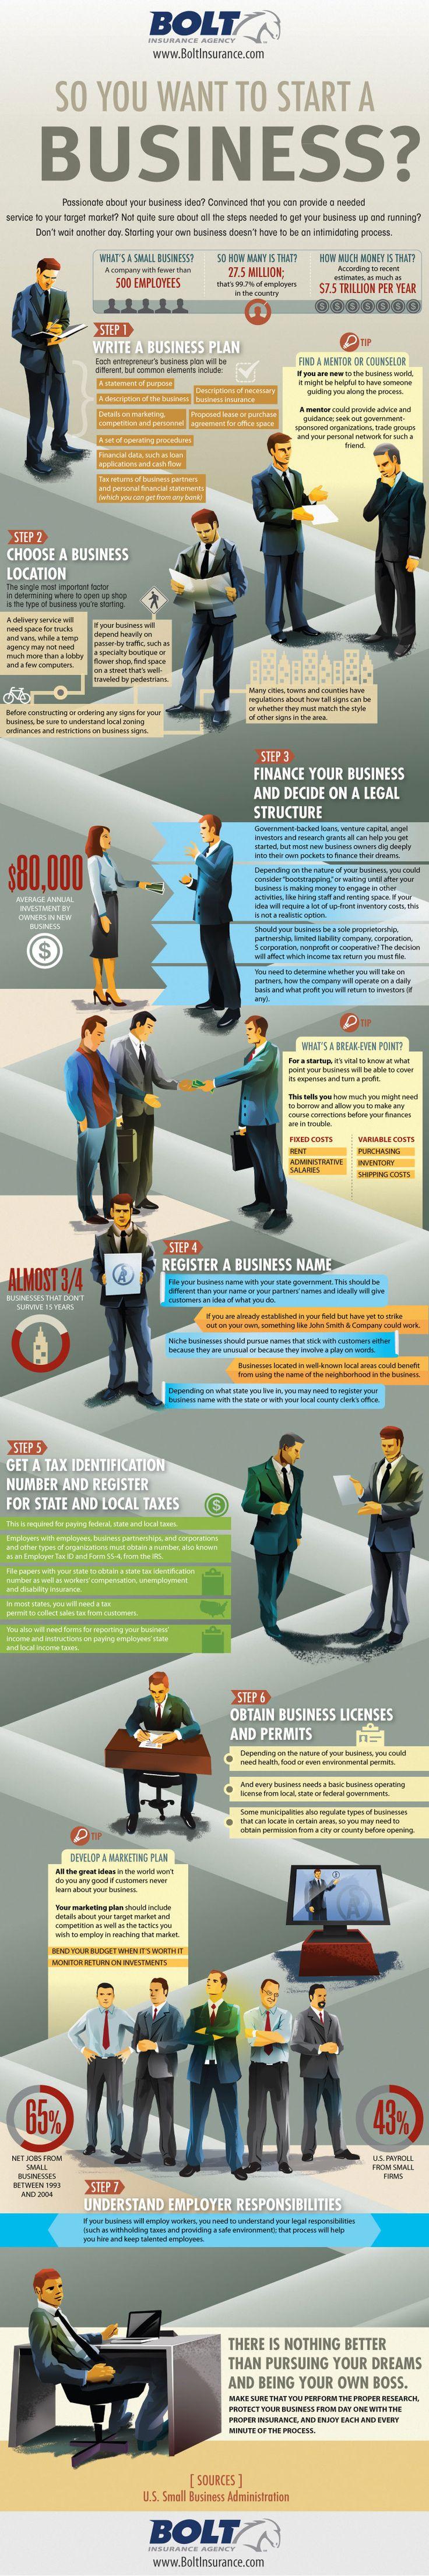 How To Start A #Business #infographic  www.socialmediamamma.com